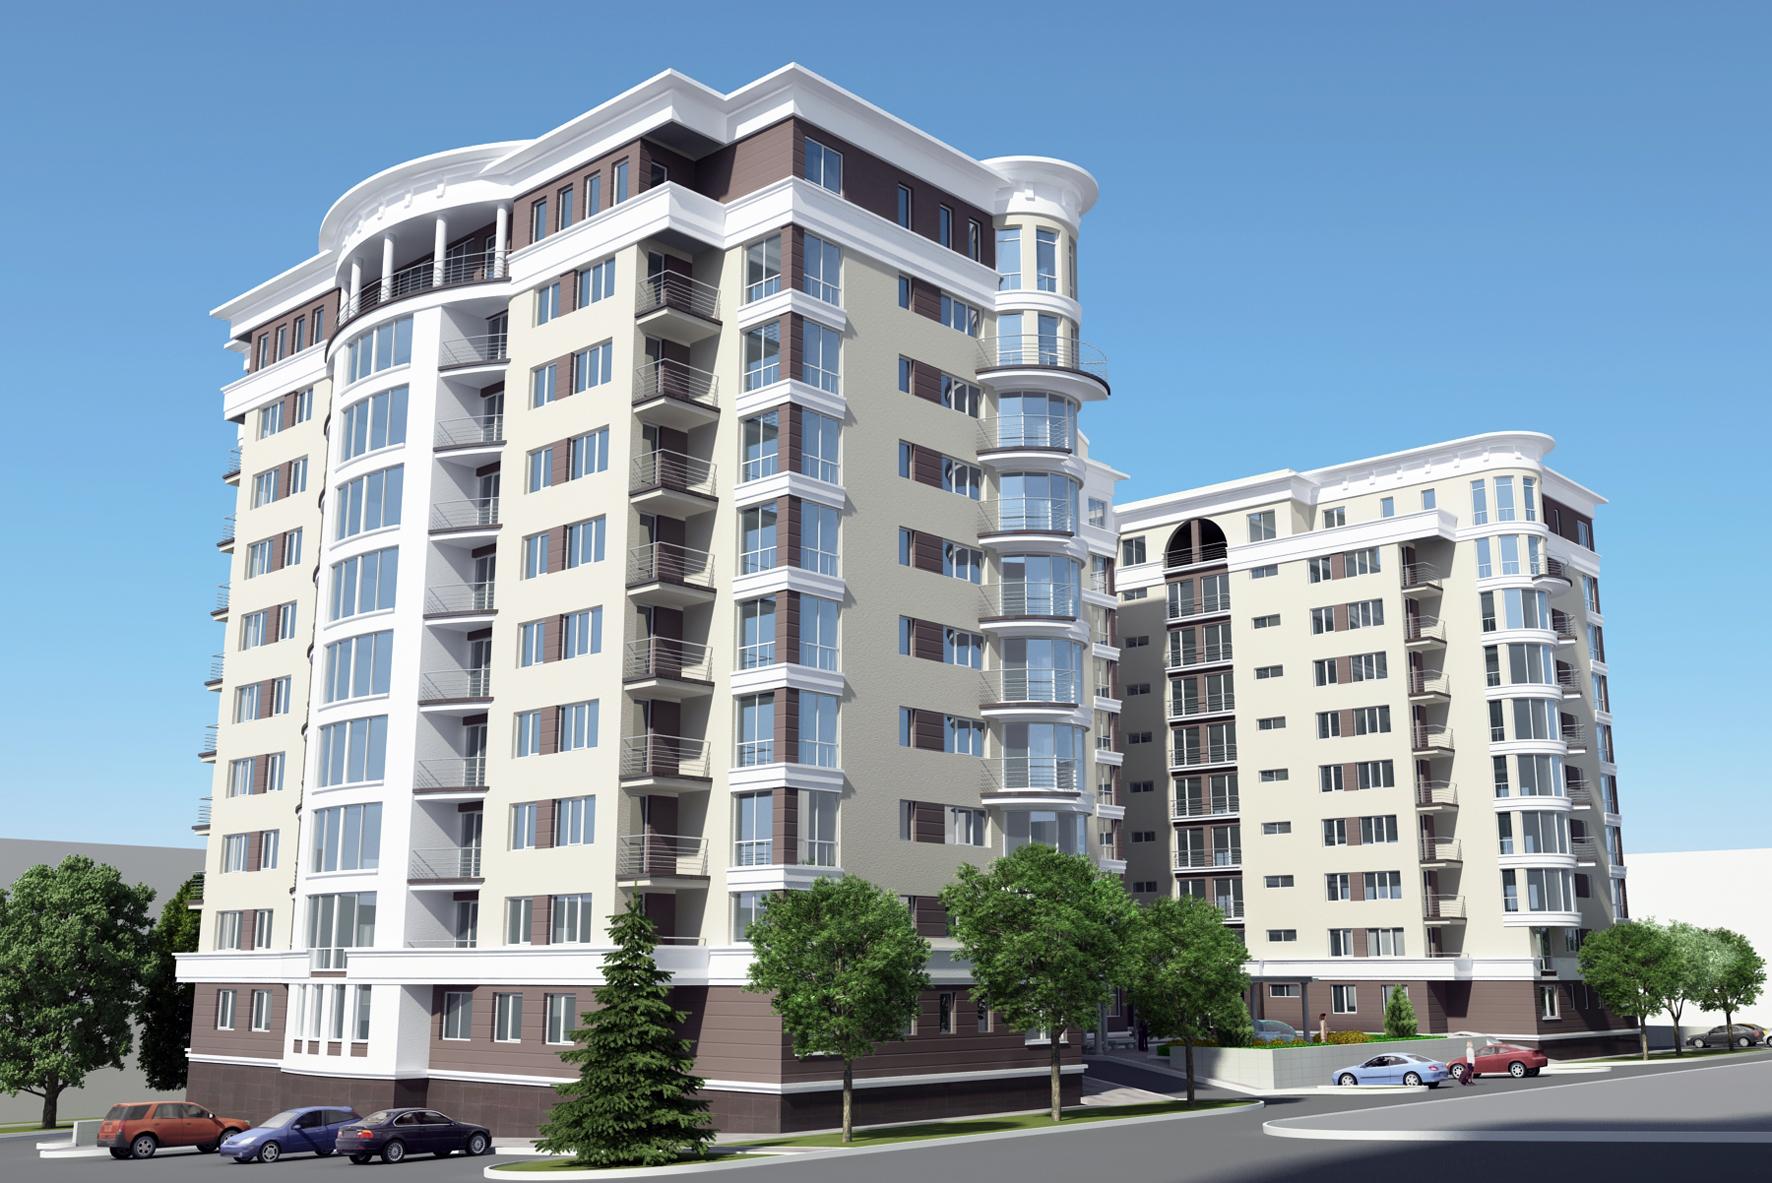 Нужна квартира в Крыму в новострое? Обращайтесь в агентство